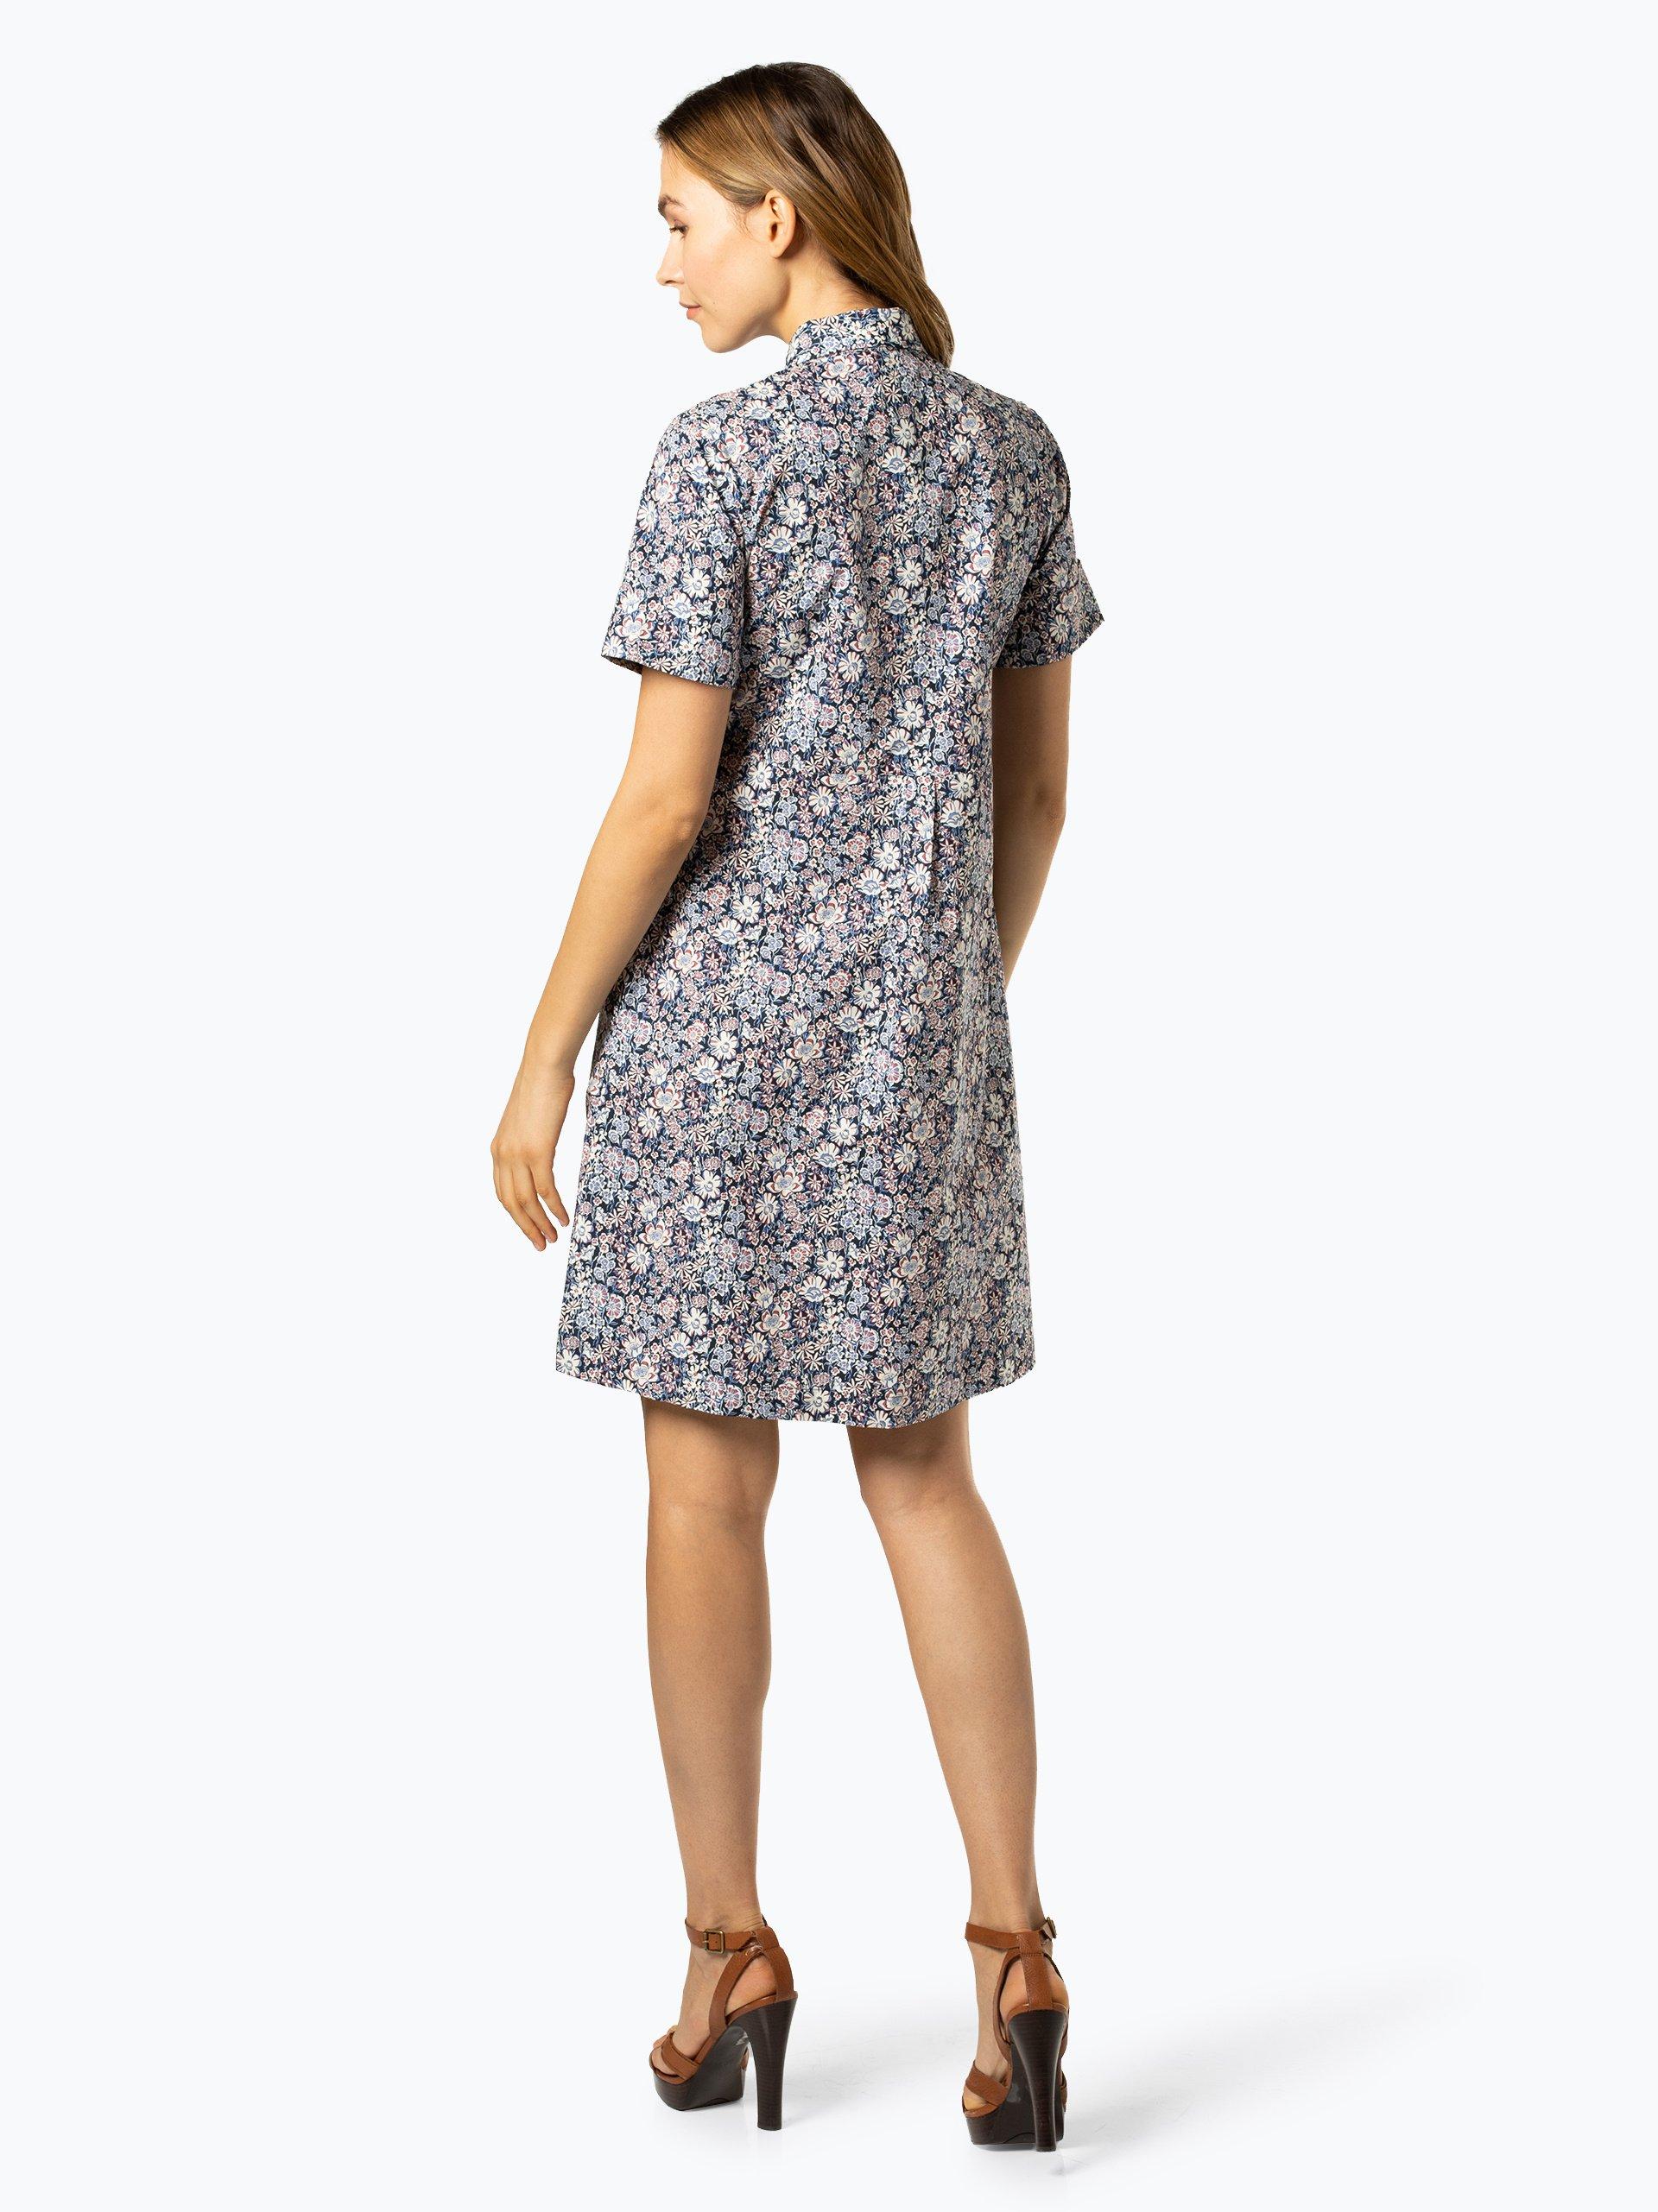 0039 Italy Sukienka damska